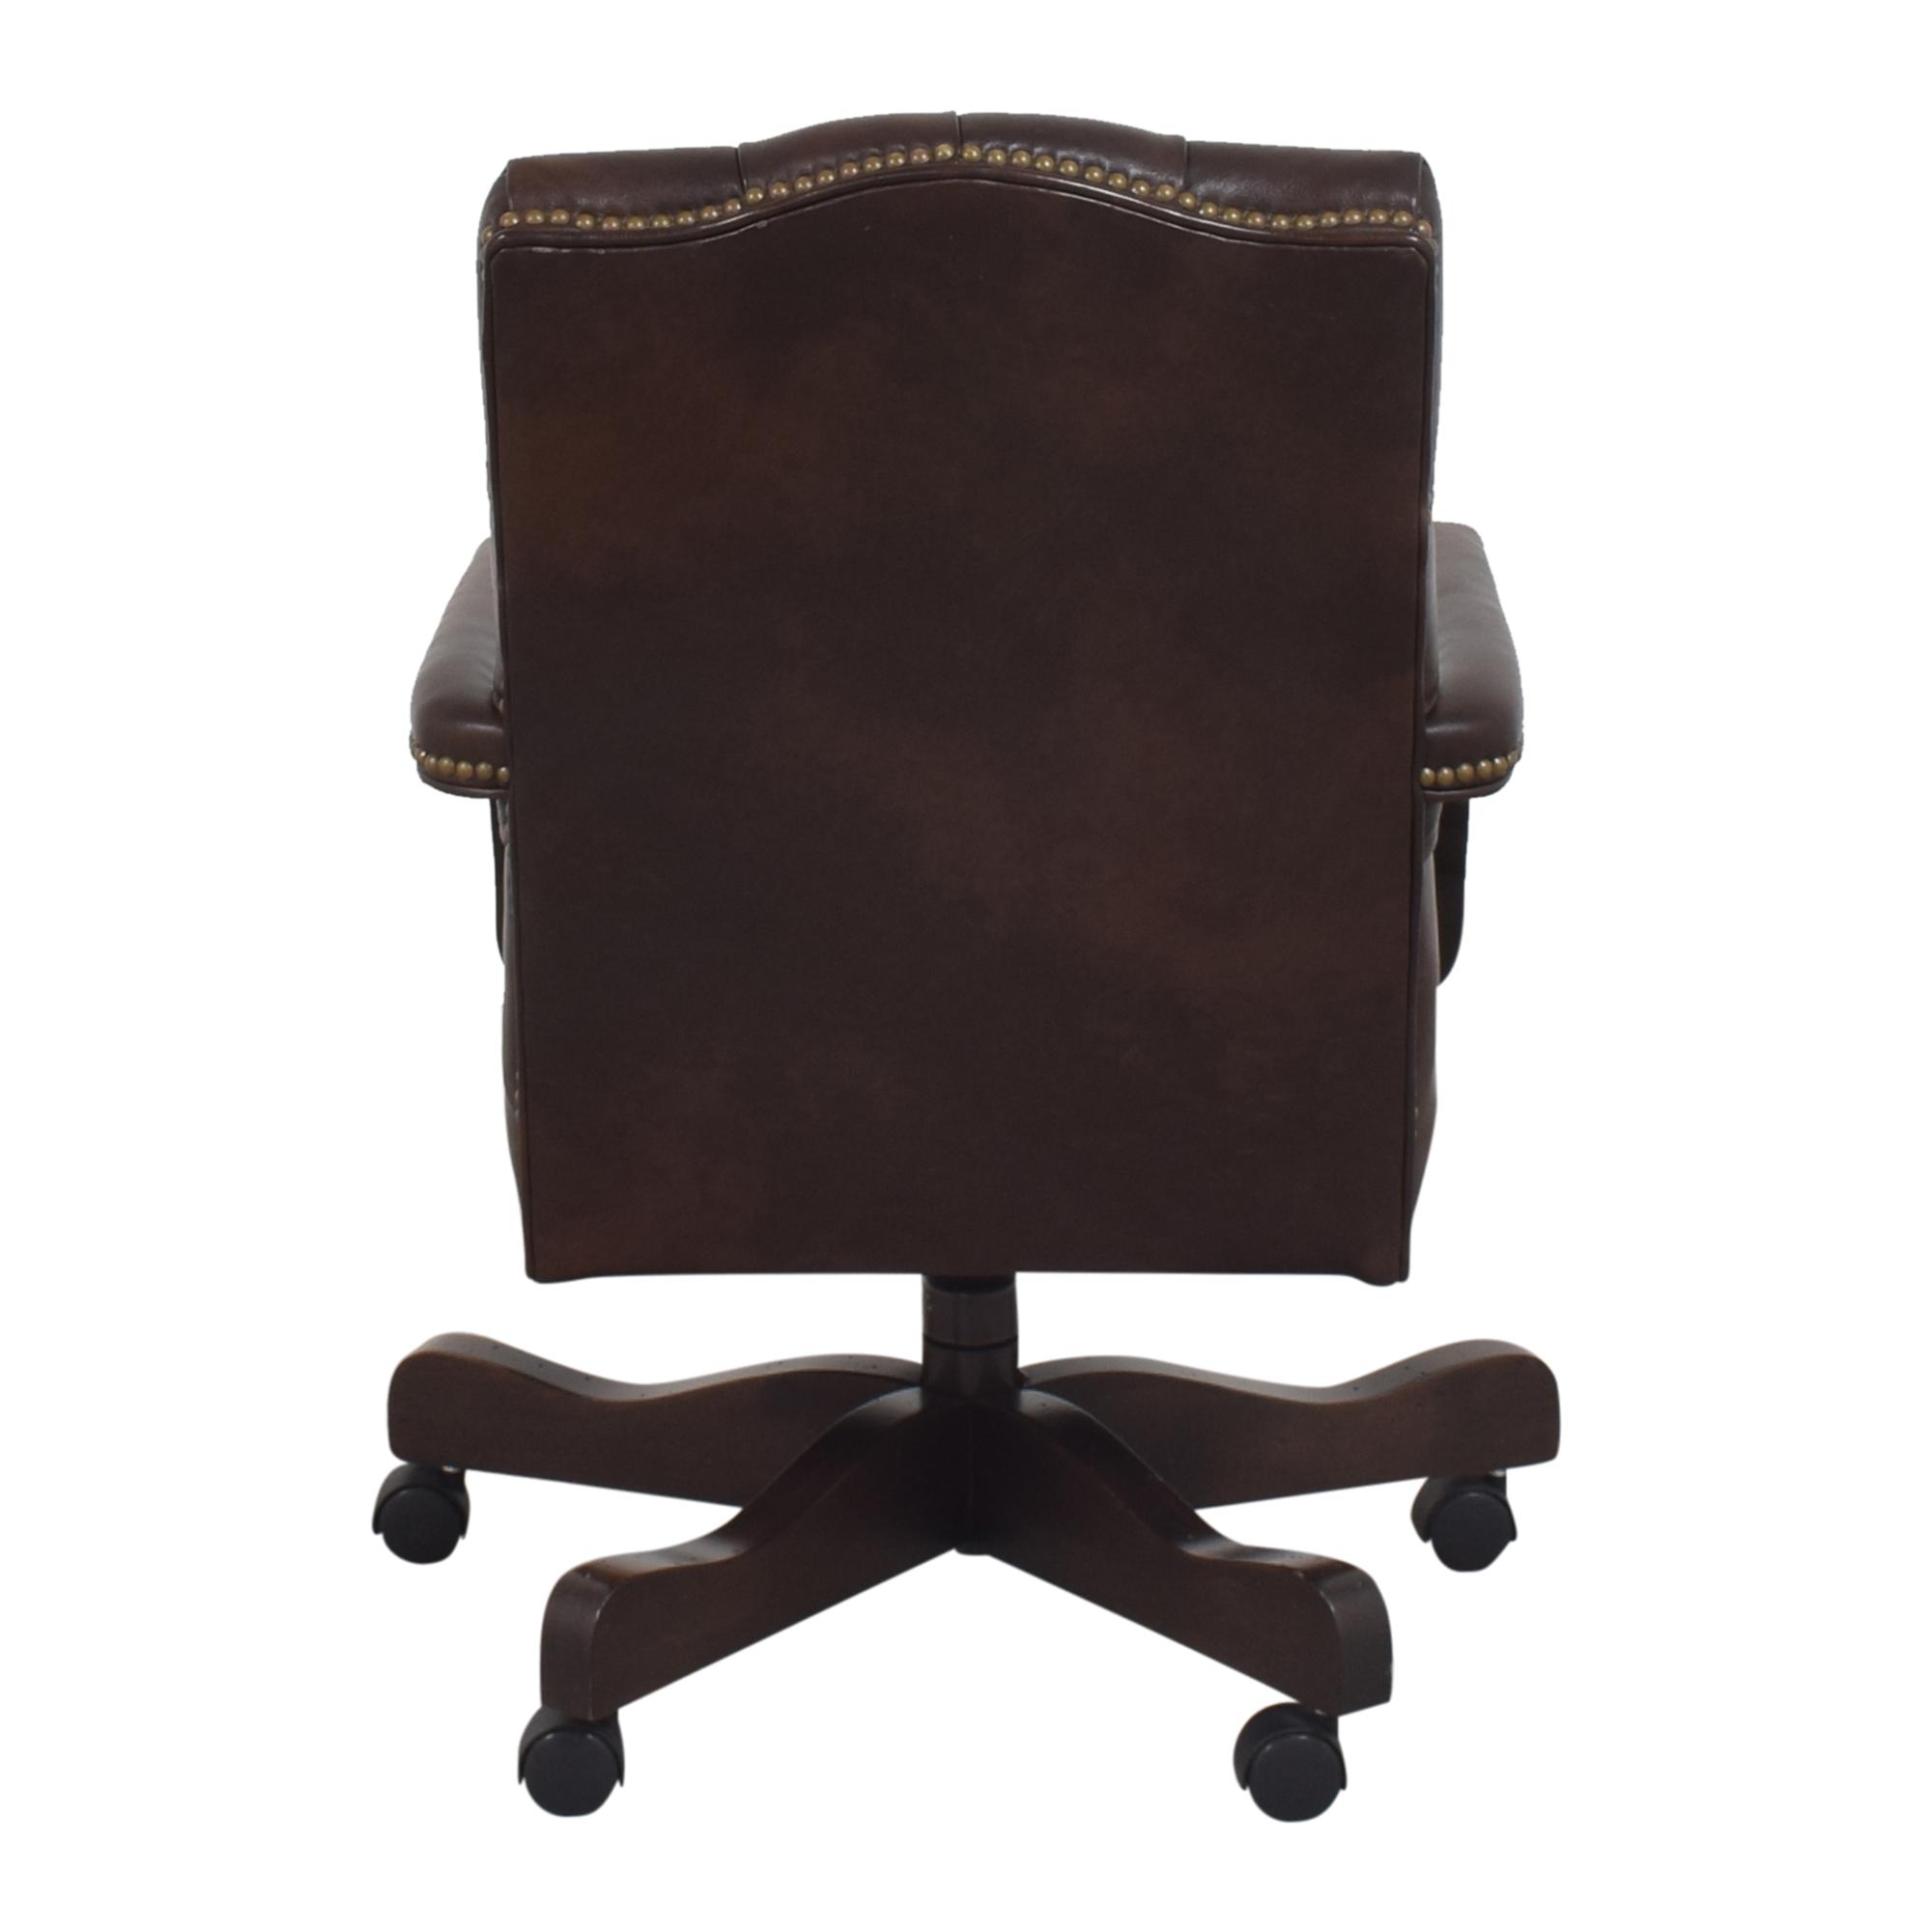 Ethan Allen Ethan Allen Grant Desk Chair second hand